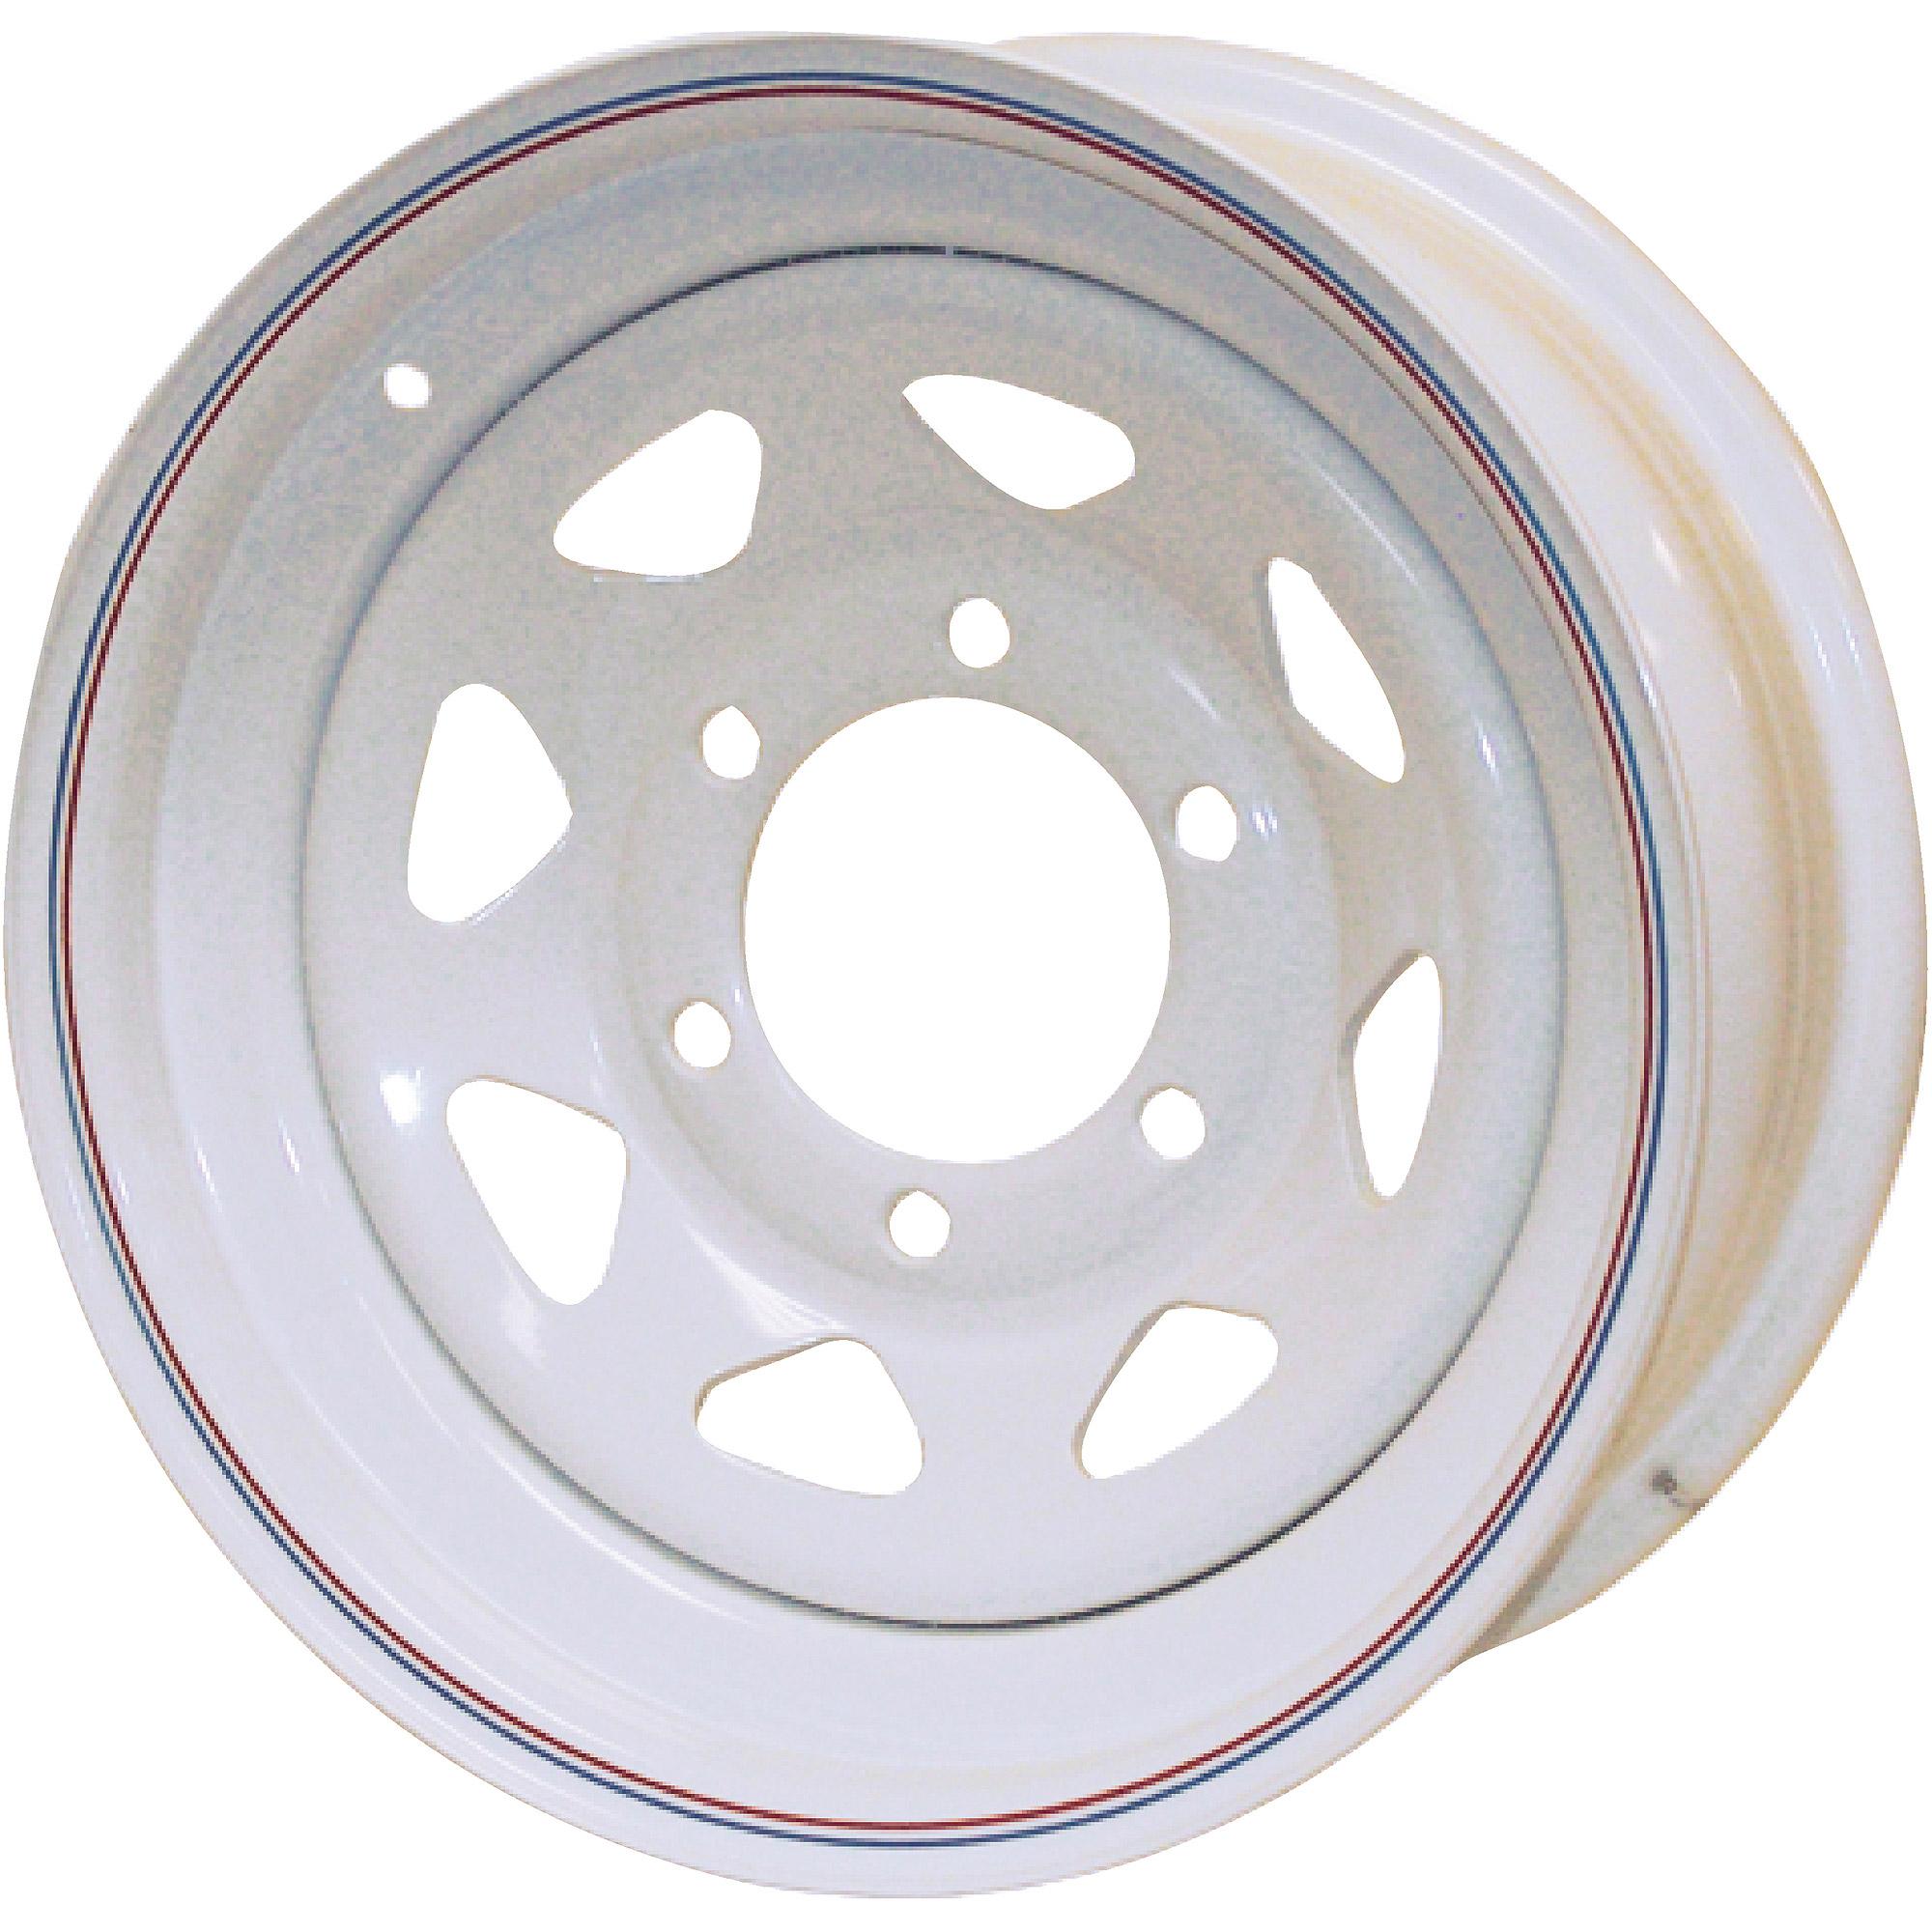 Loadstar 8-Spoke Steel Wheel (Rim)